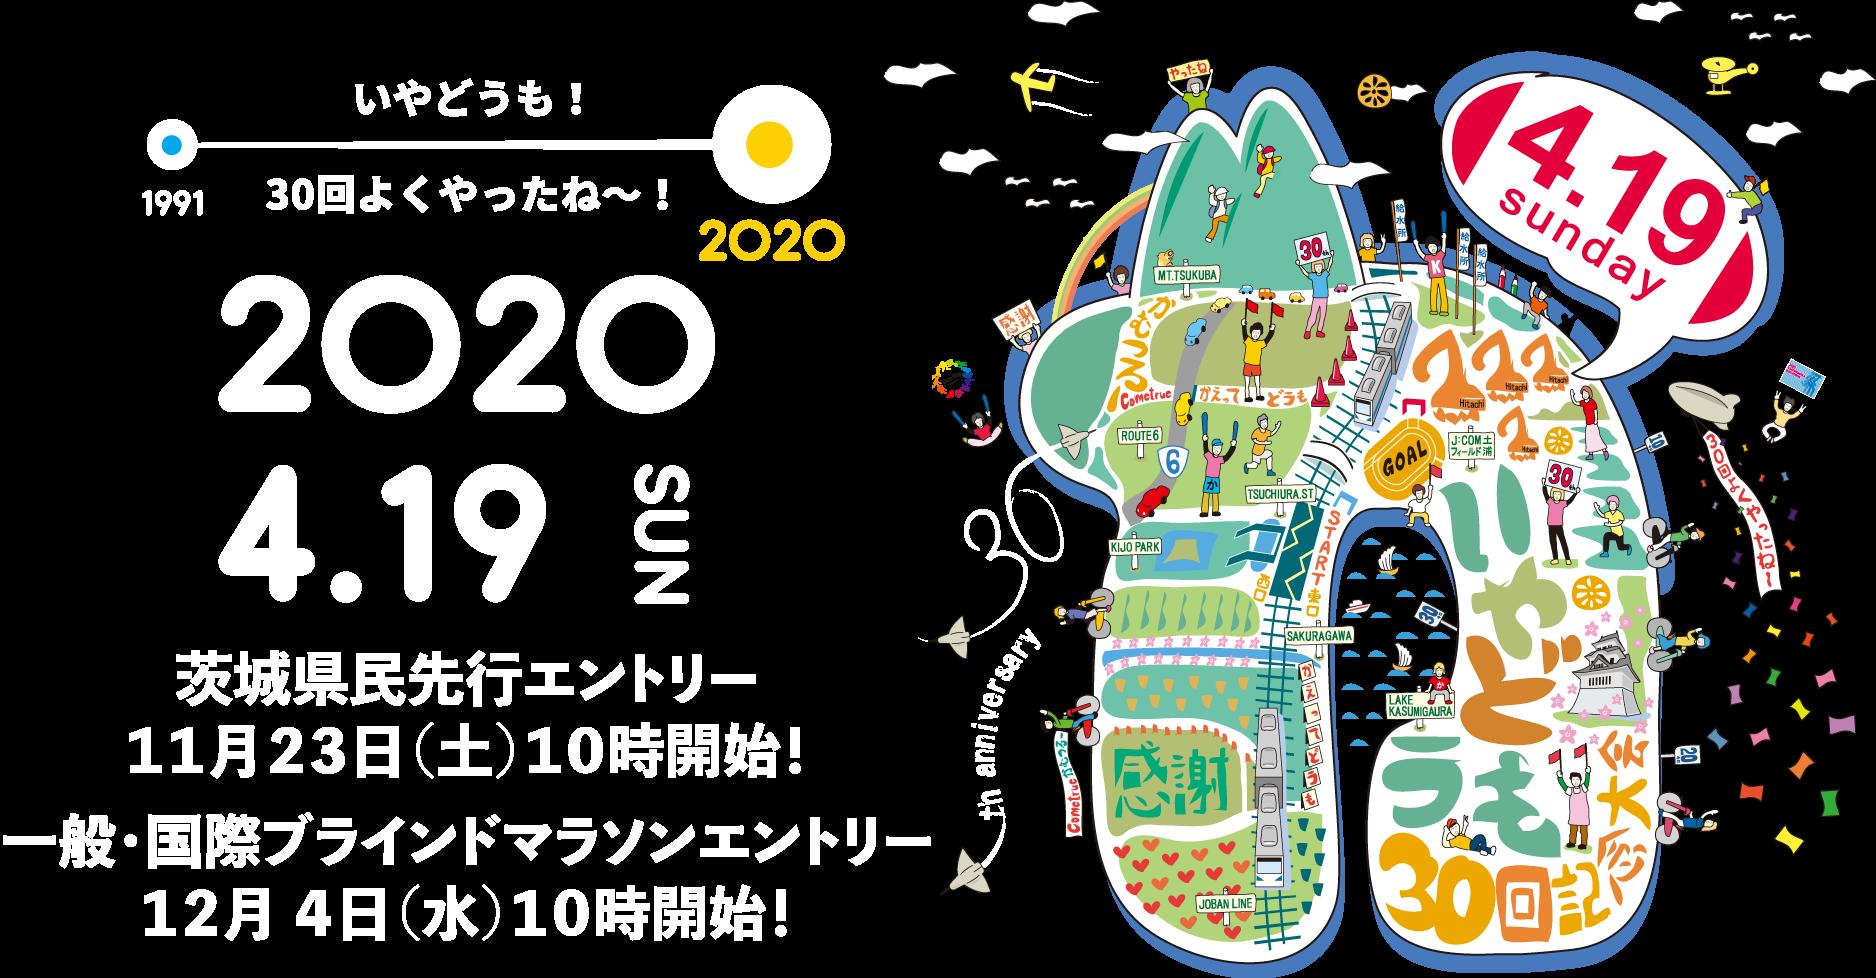 かすみがうらマラソン2020のキービジュアル